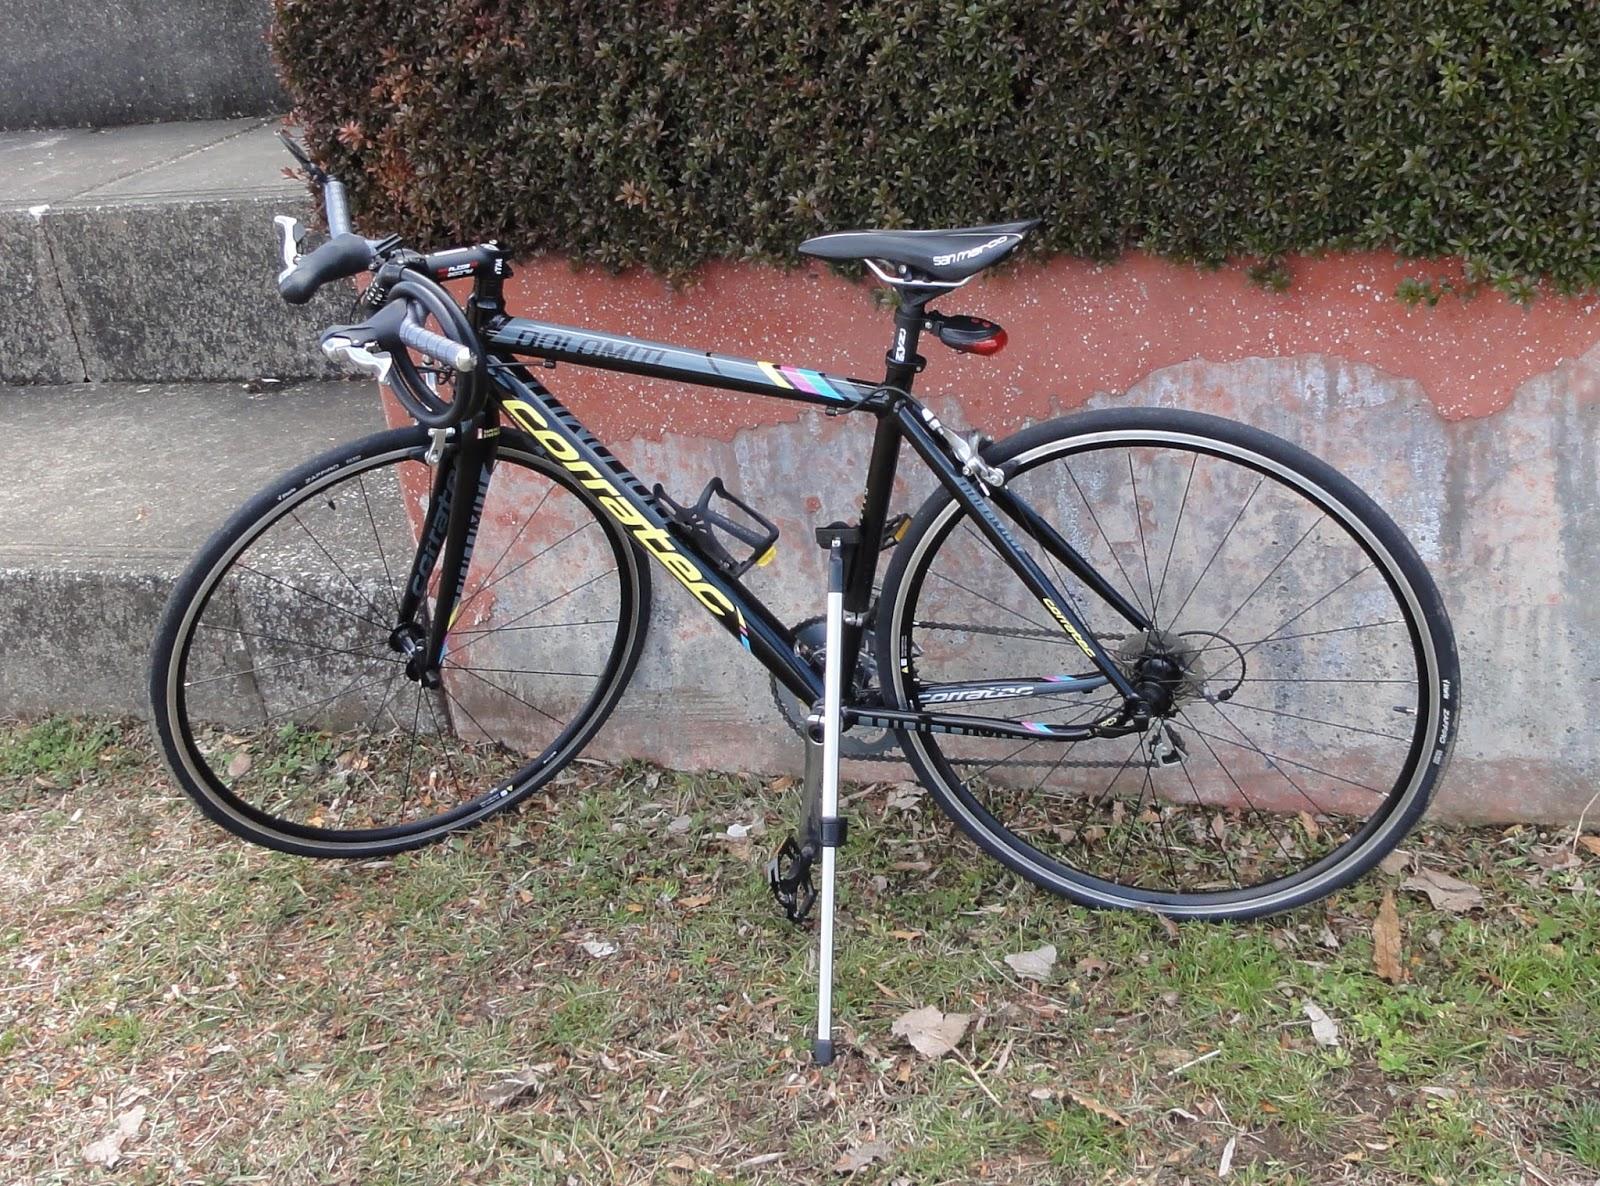 ダサい自転車の画像38 [無断転載禁止]©2ch.netYouTube動画>3本 ->画像>342枚